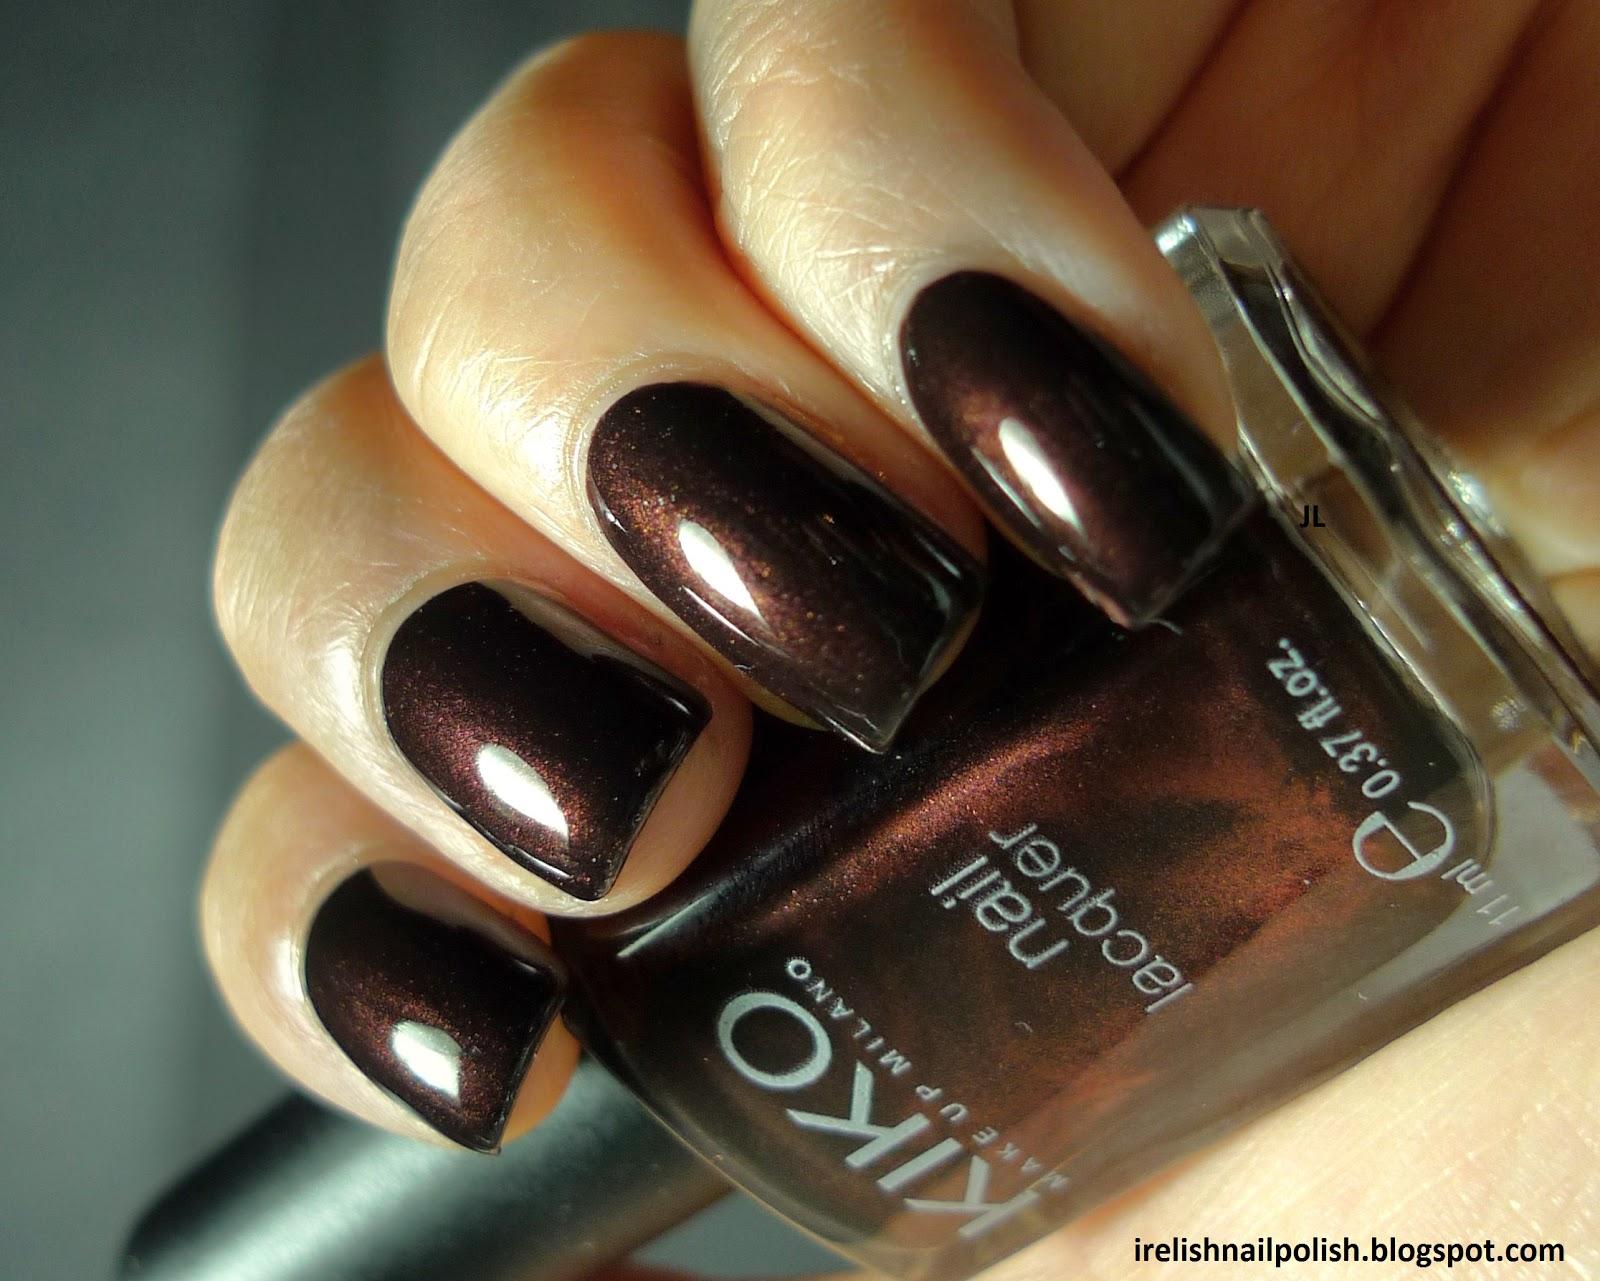 I Relish Nail Polish!: Kiko - 374 - Dark Brown Shimmer